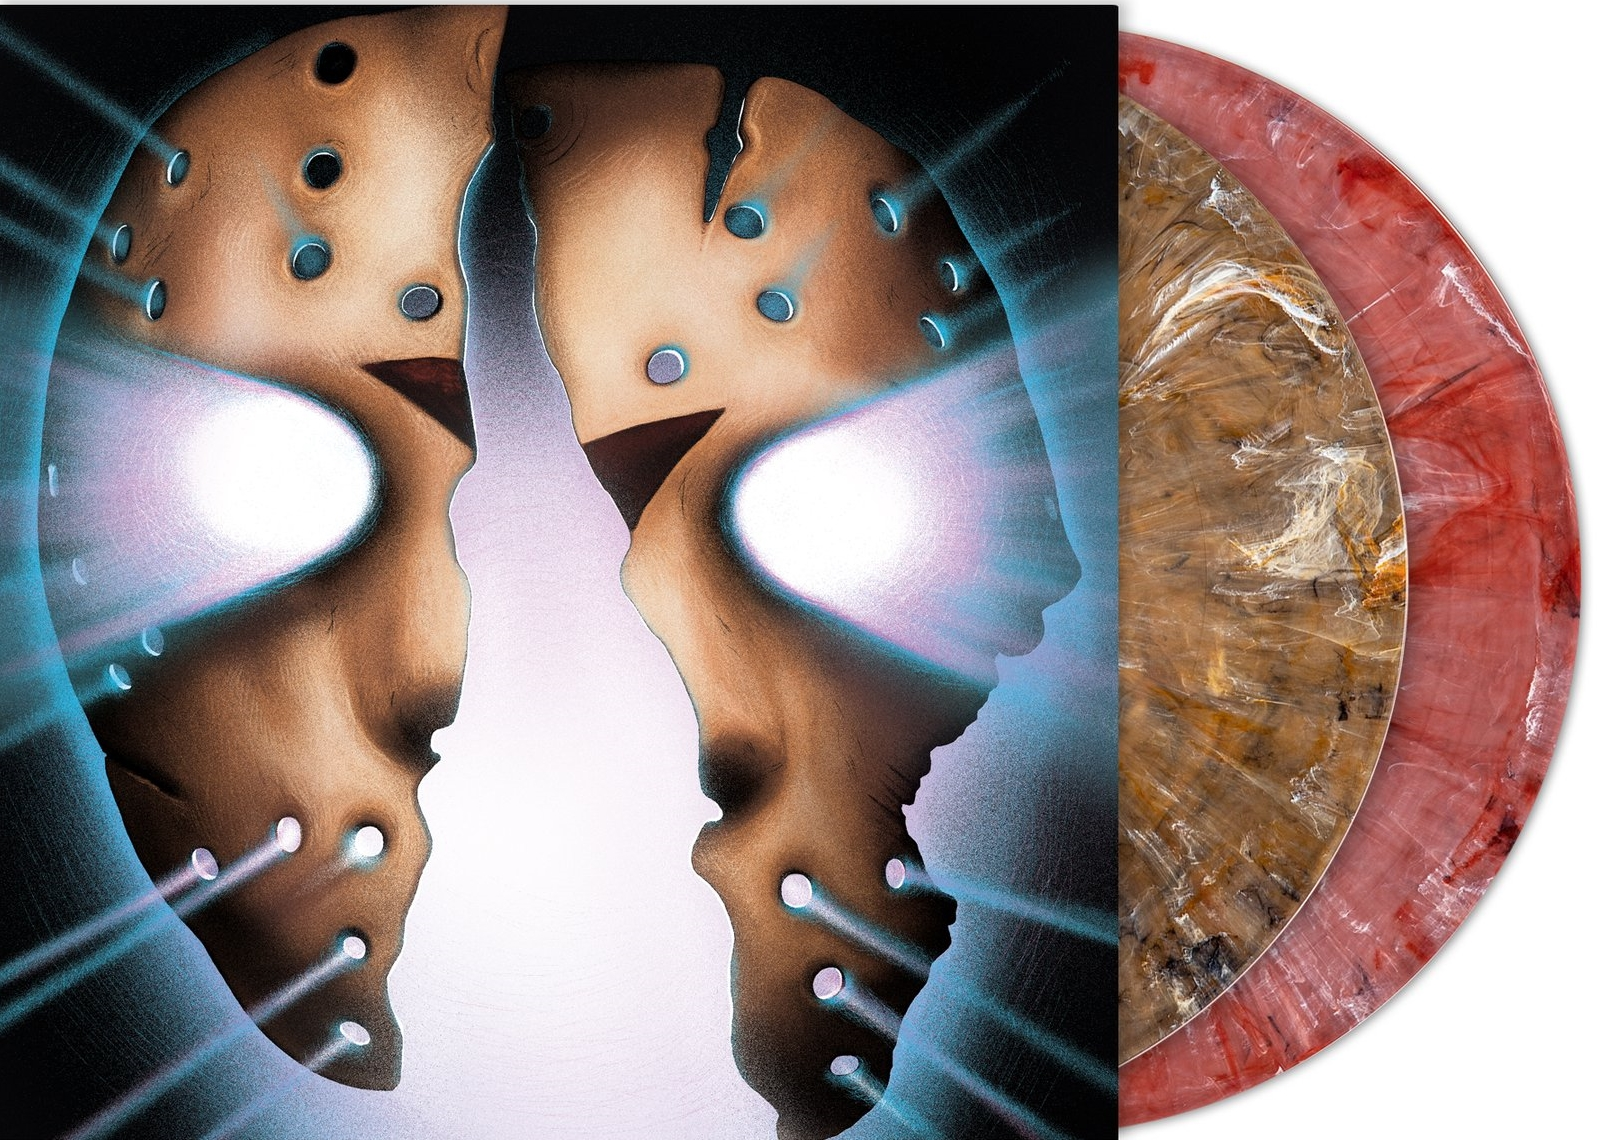 Vendredi 13, chapitre VII : Un nouveau défi (Friday the 13th Part VII: The New Blood) (Vinyle)